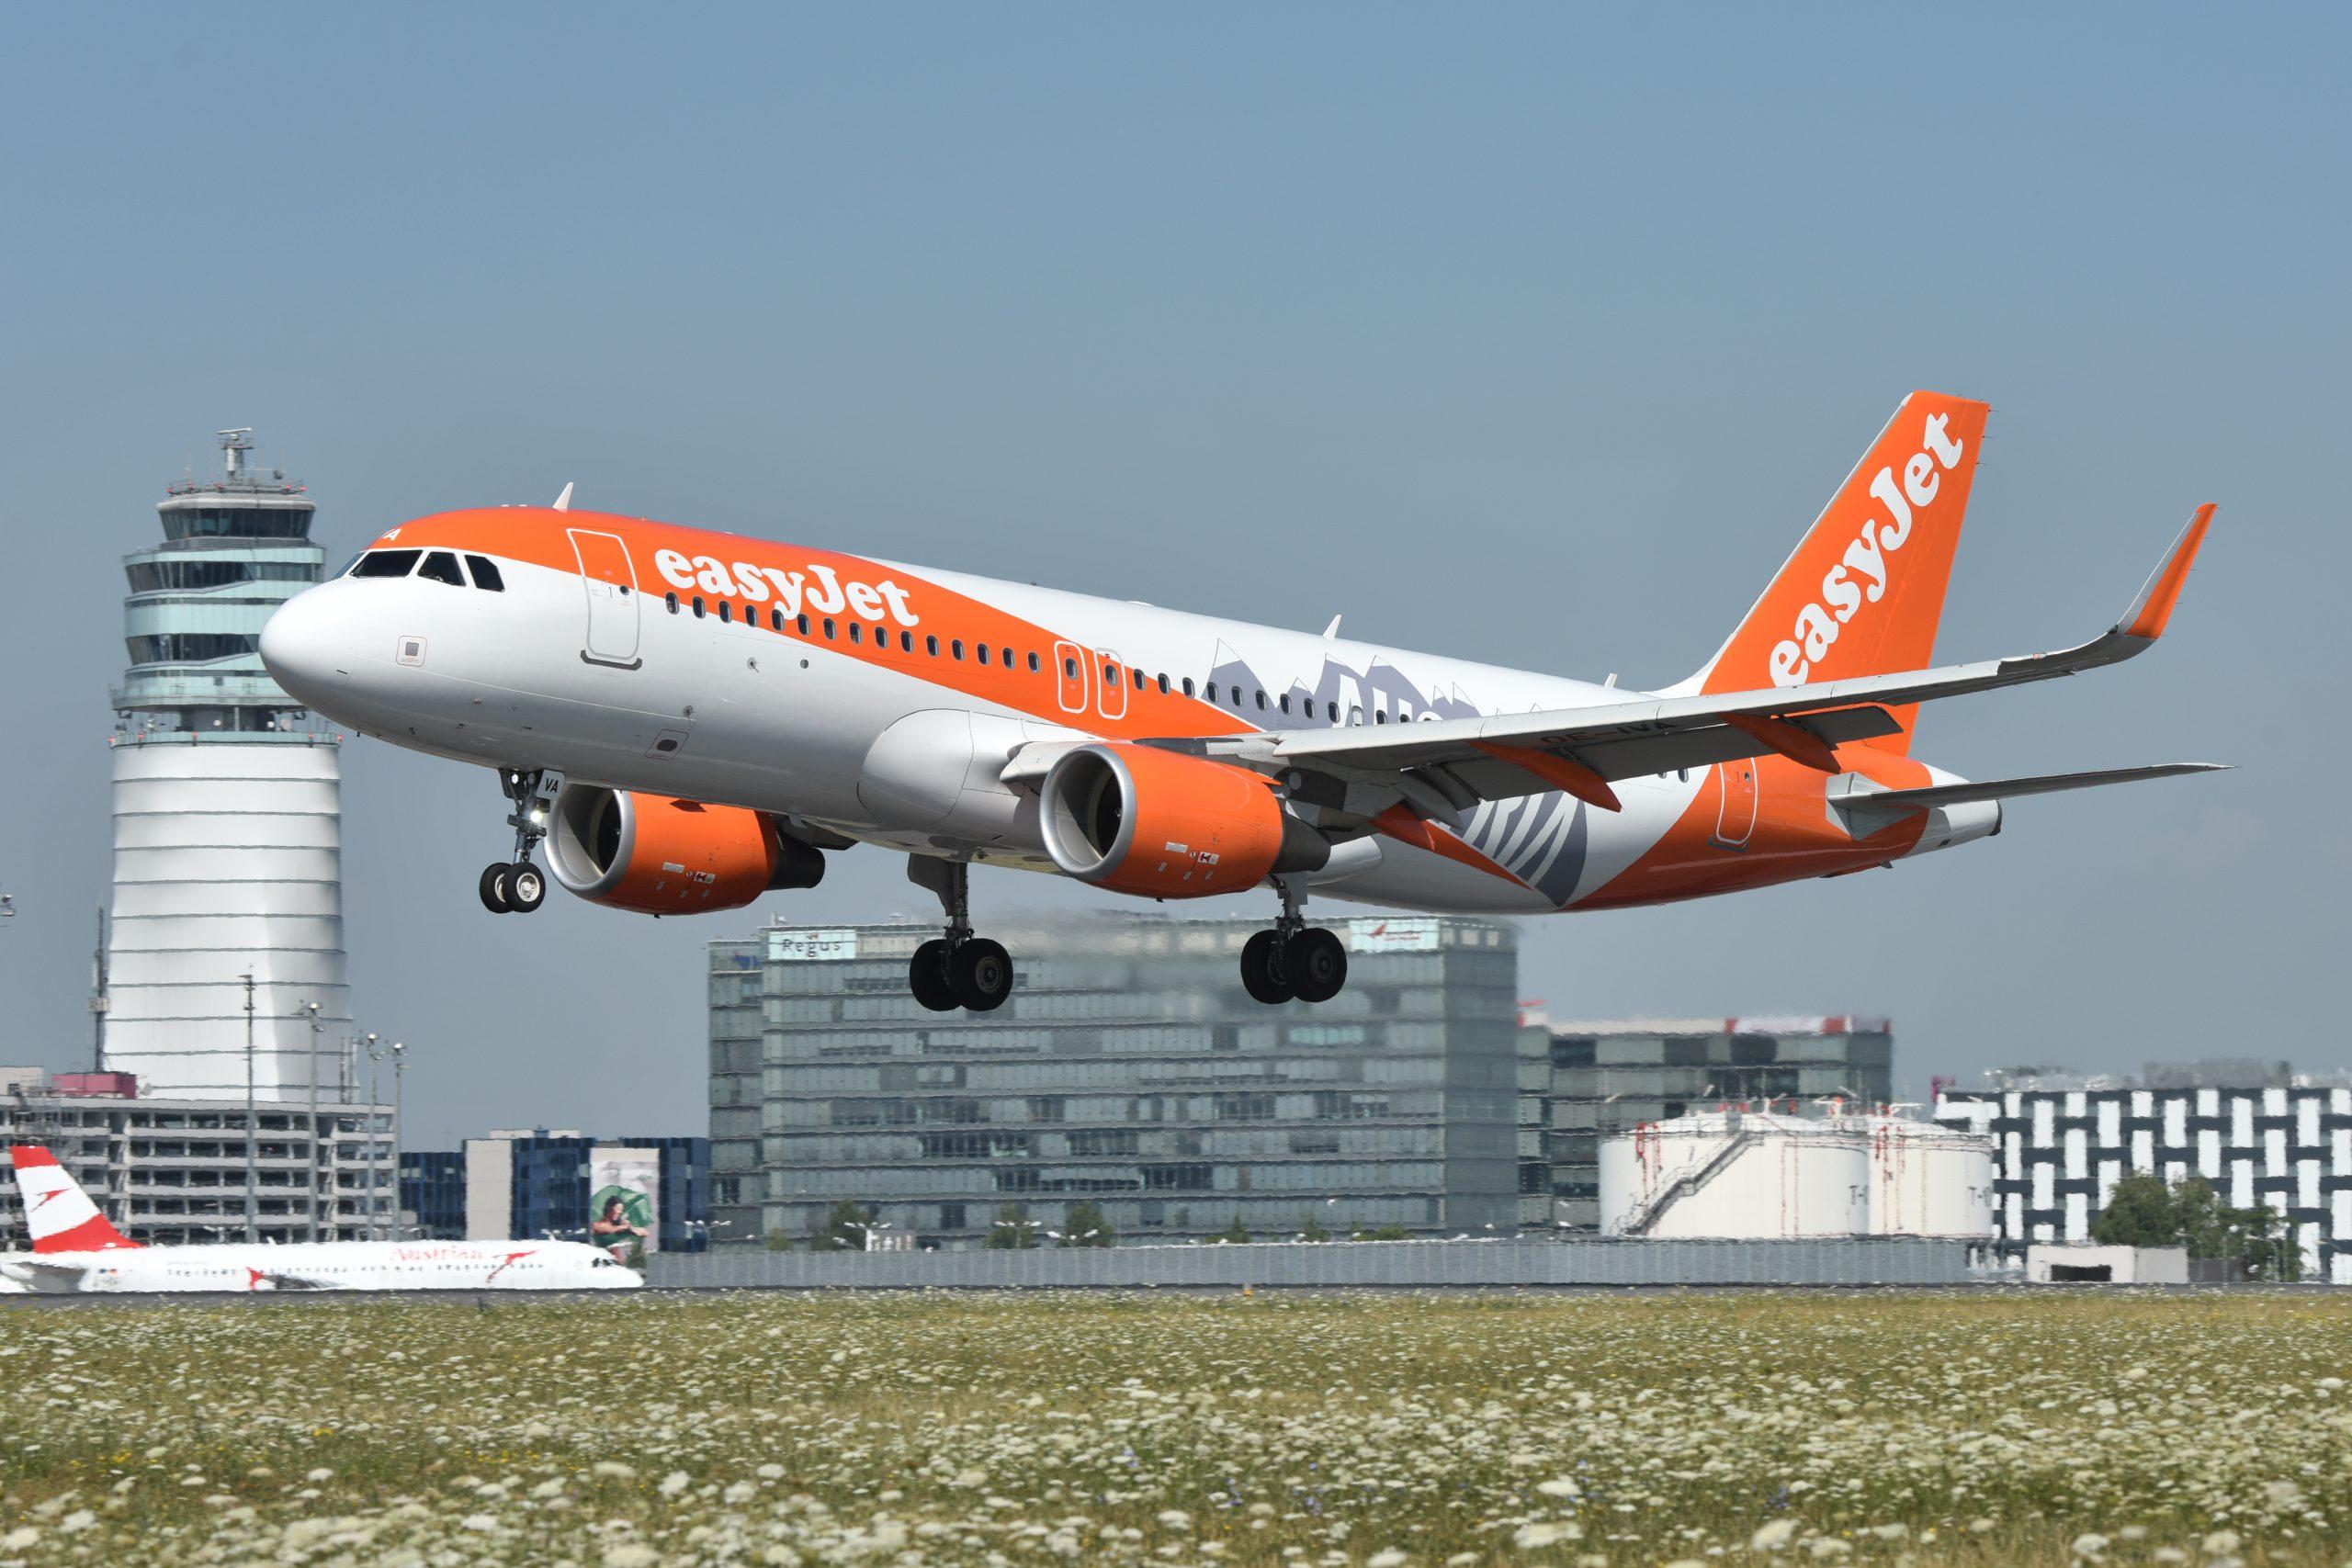 Travelport og Easyjet har igen forlænget deres samarbejde for at øge salget af såvel ferie- som forretningsrejser. Arkivpressefoto fra Airbus.